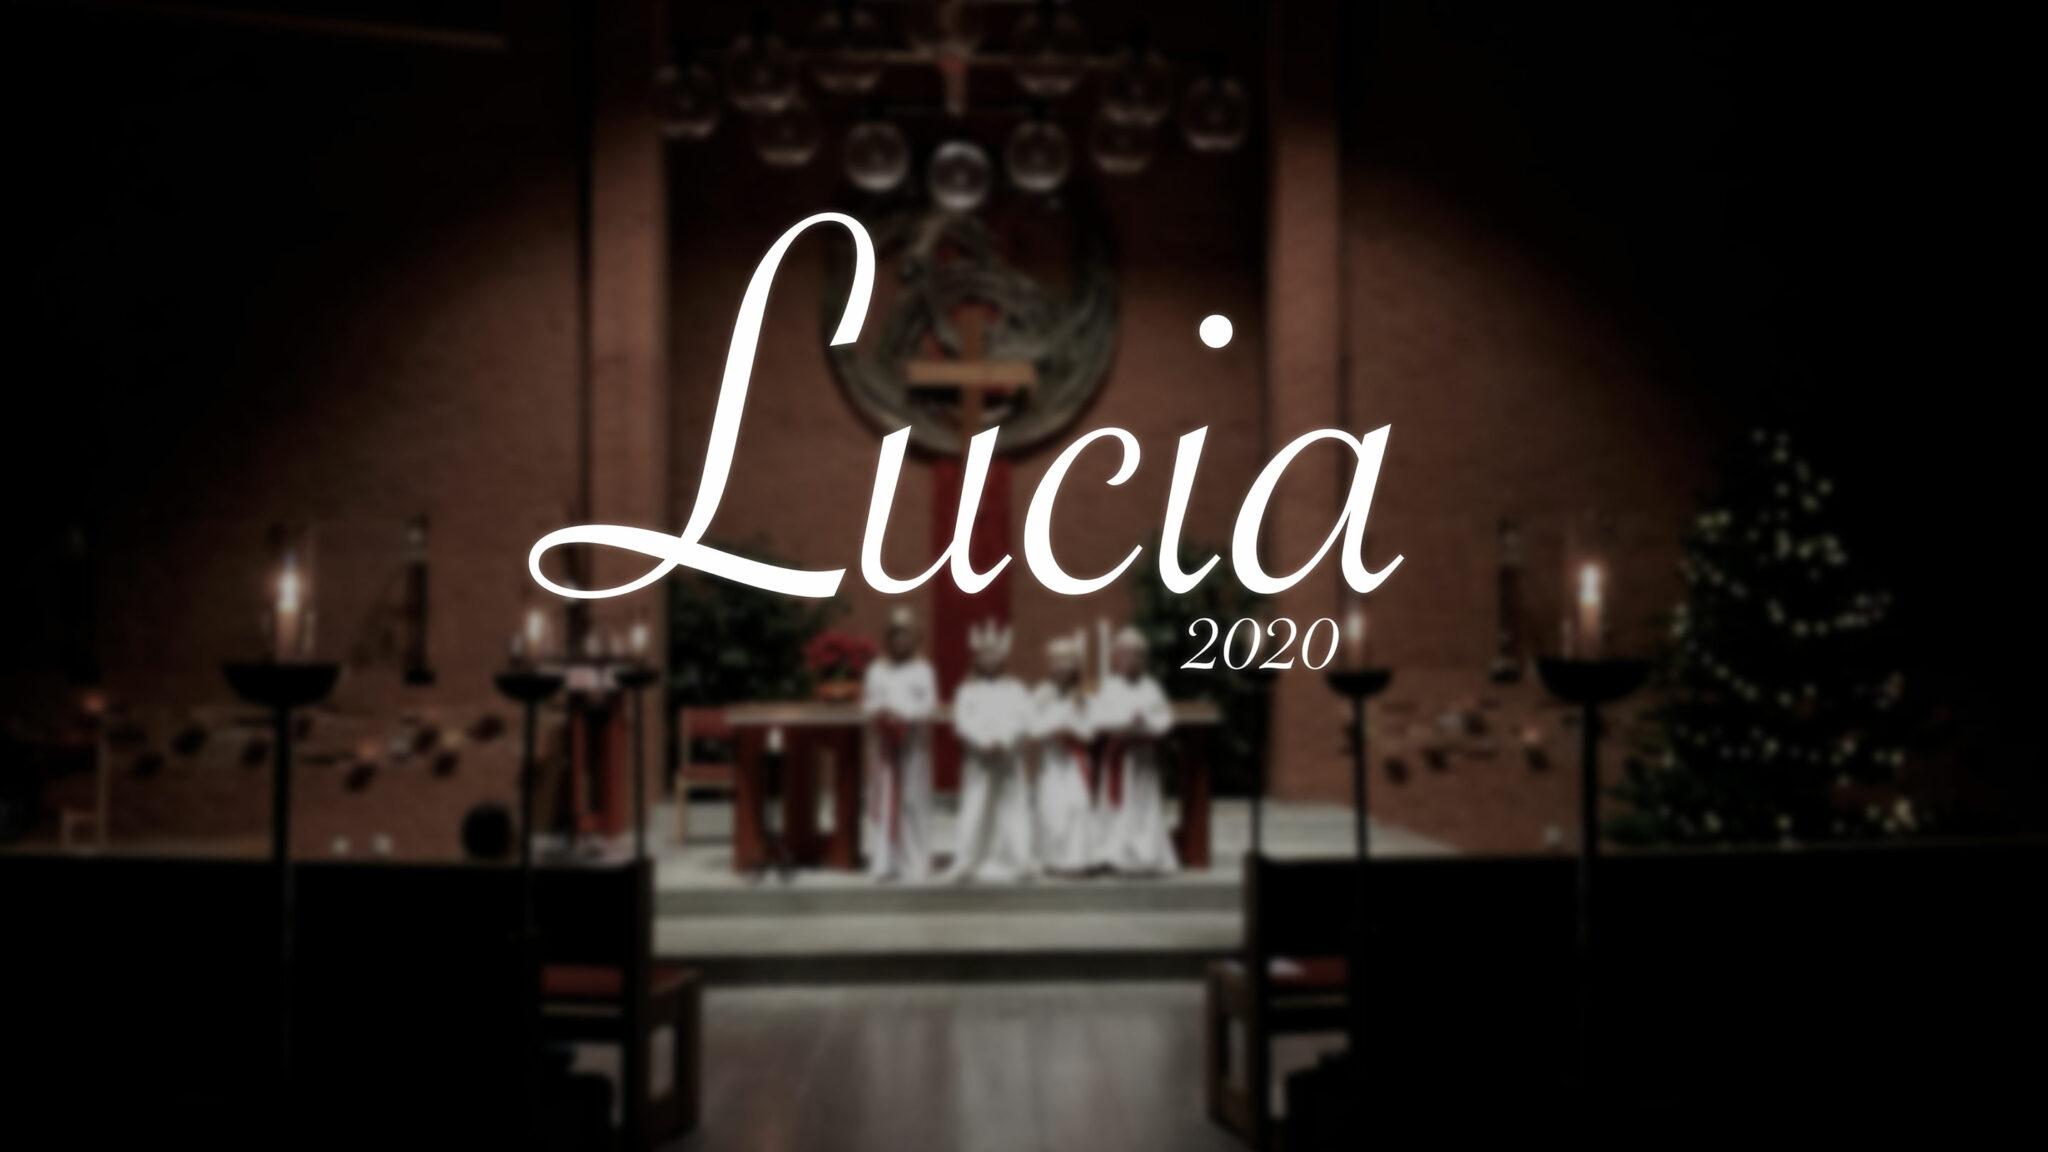 Luciatåg